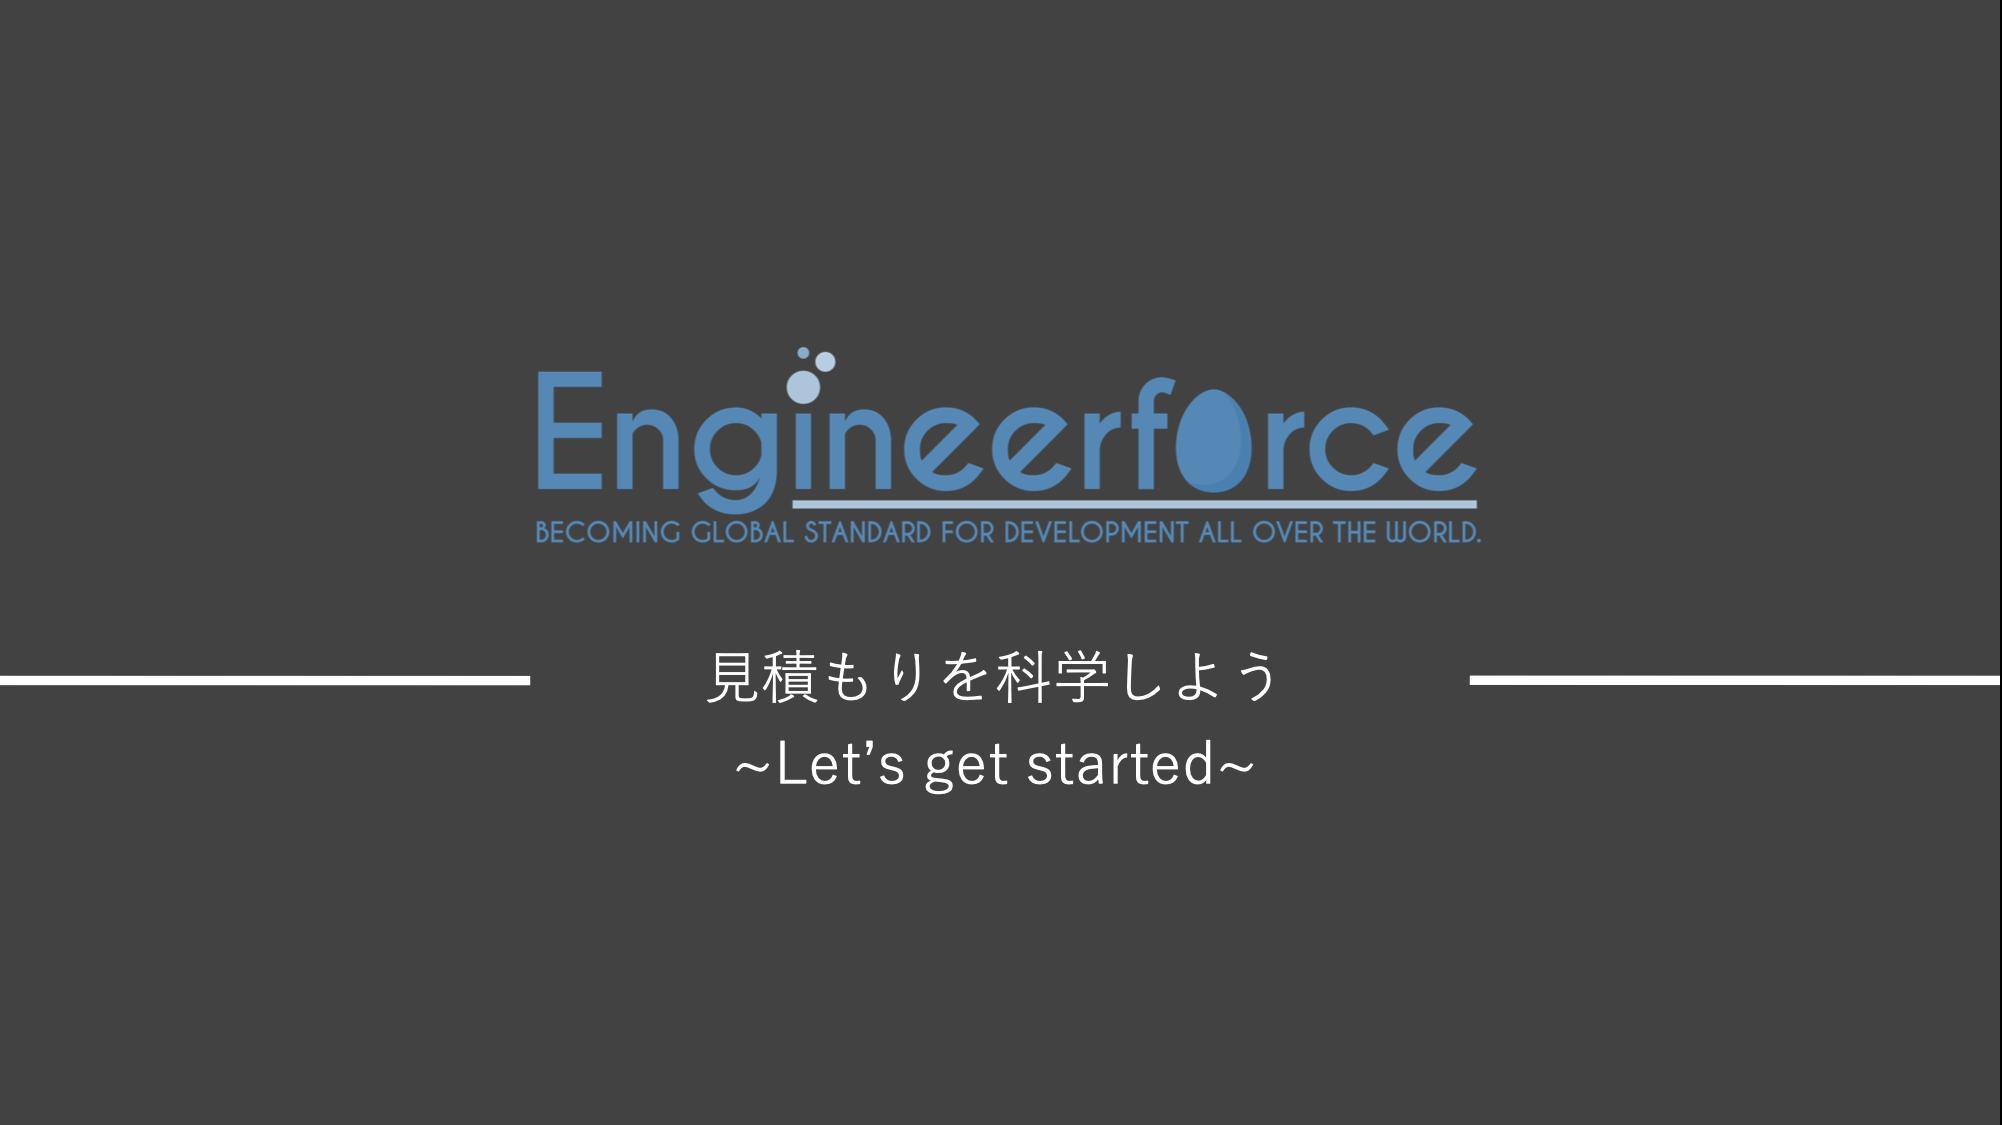 【世界TOP50】ITエンジニア向け見積もり作成のDXツール『Engineerforce』がStartup Wheel 2021において世界TOP50に選ばれました。